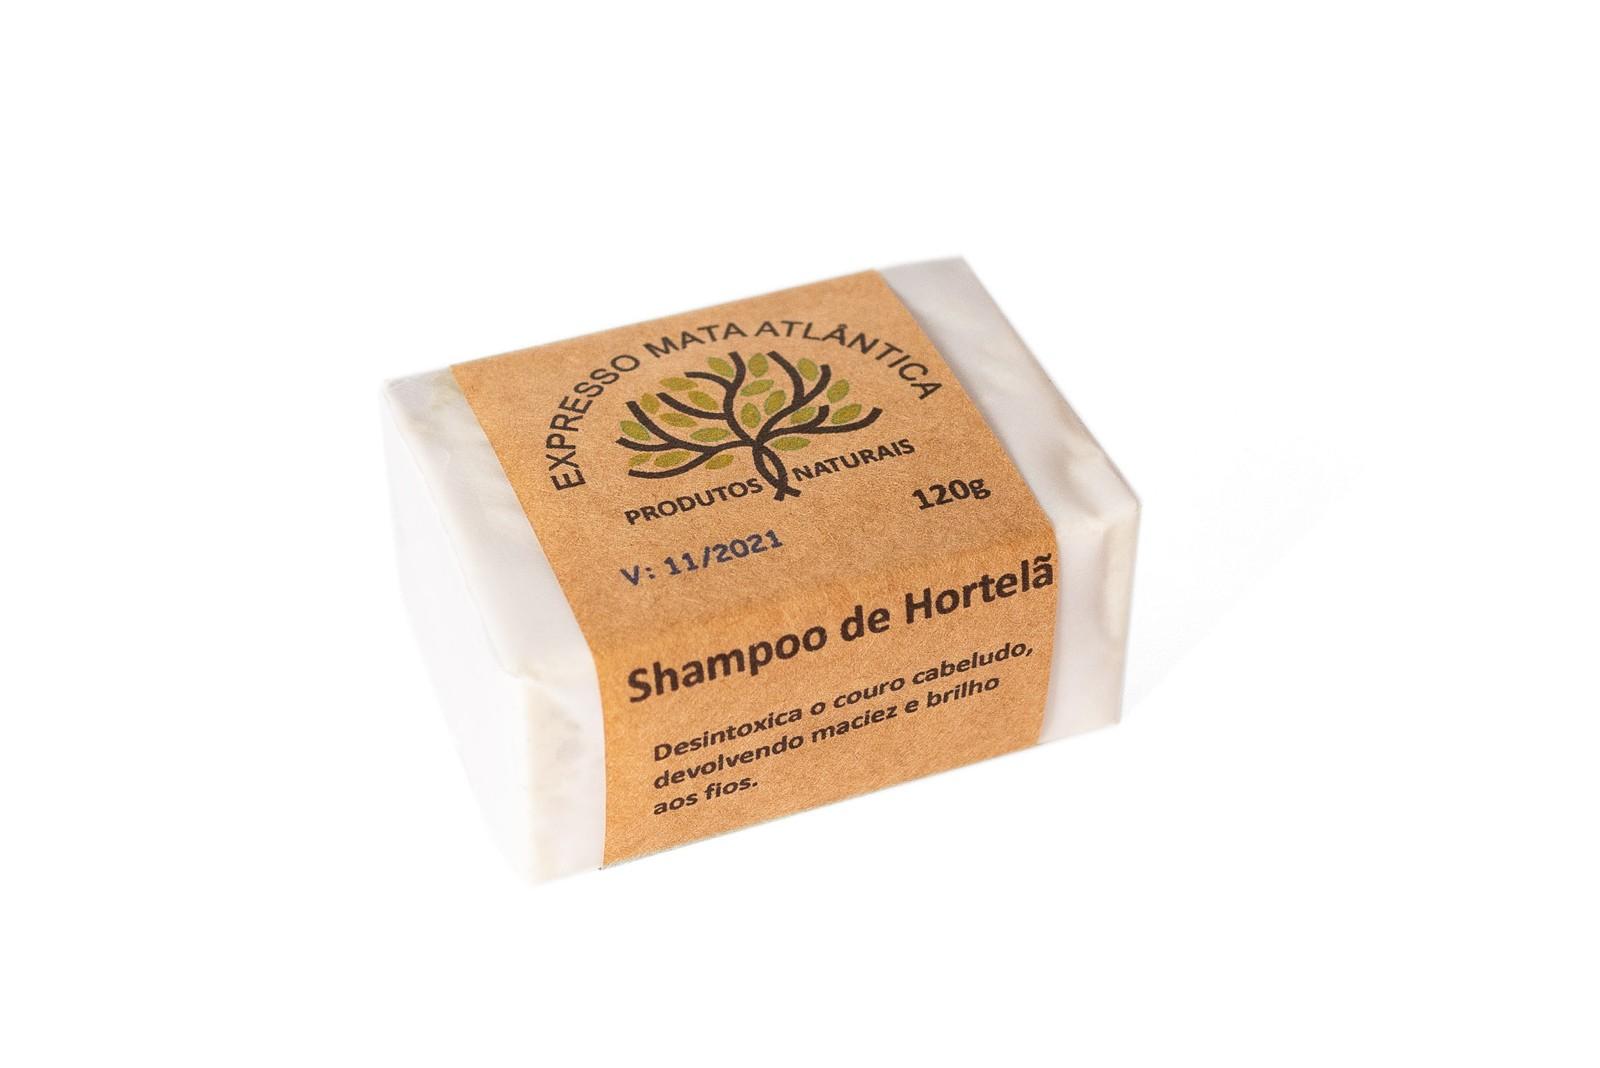 Shampoo Sólido Vegano Hortelã da Expresso Mata Atlântica